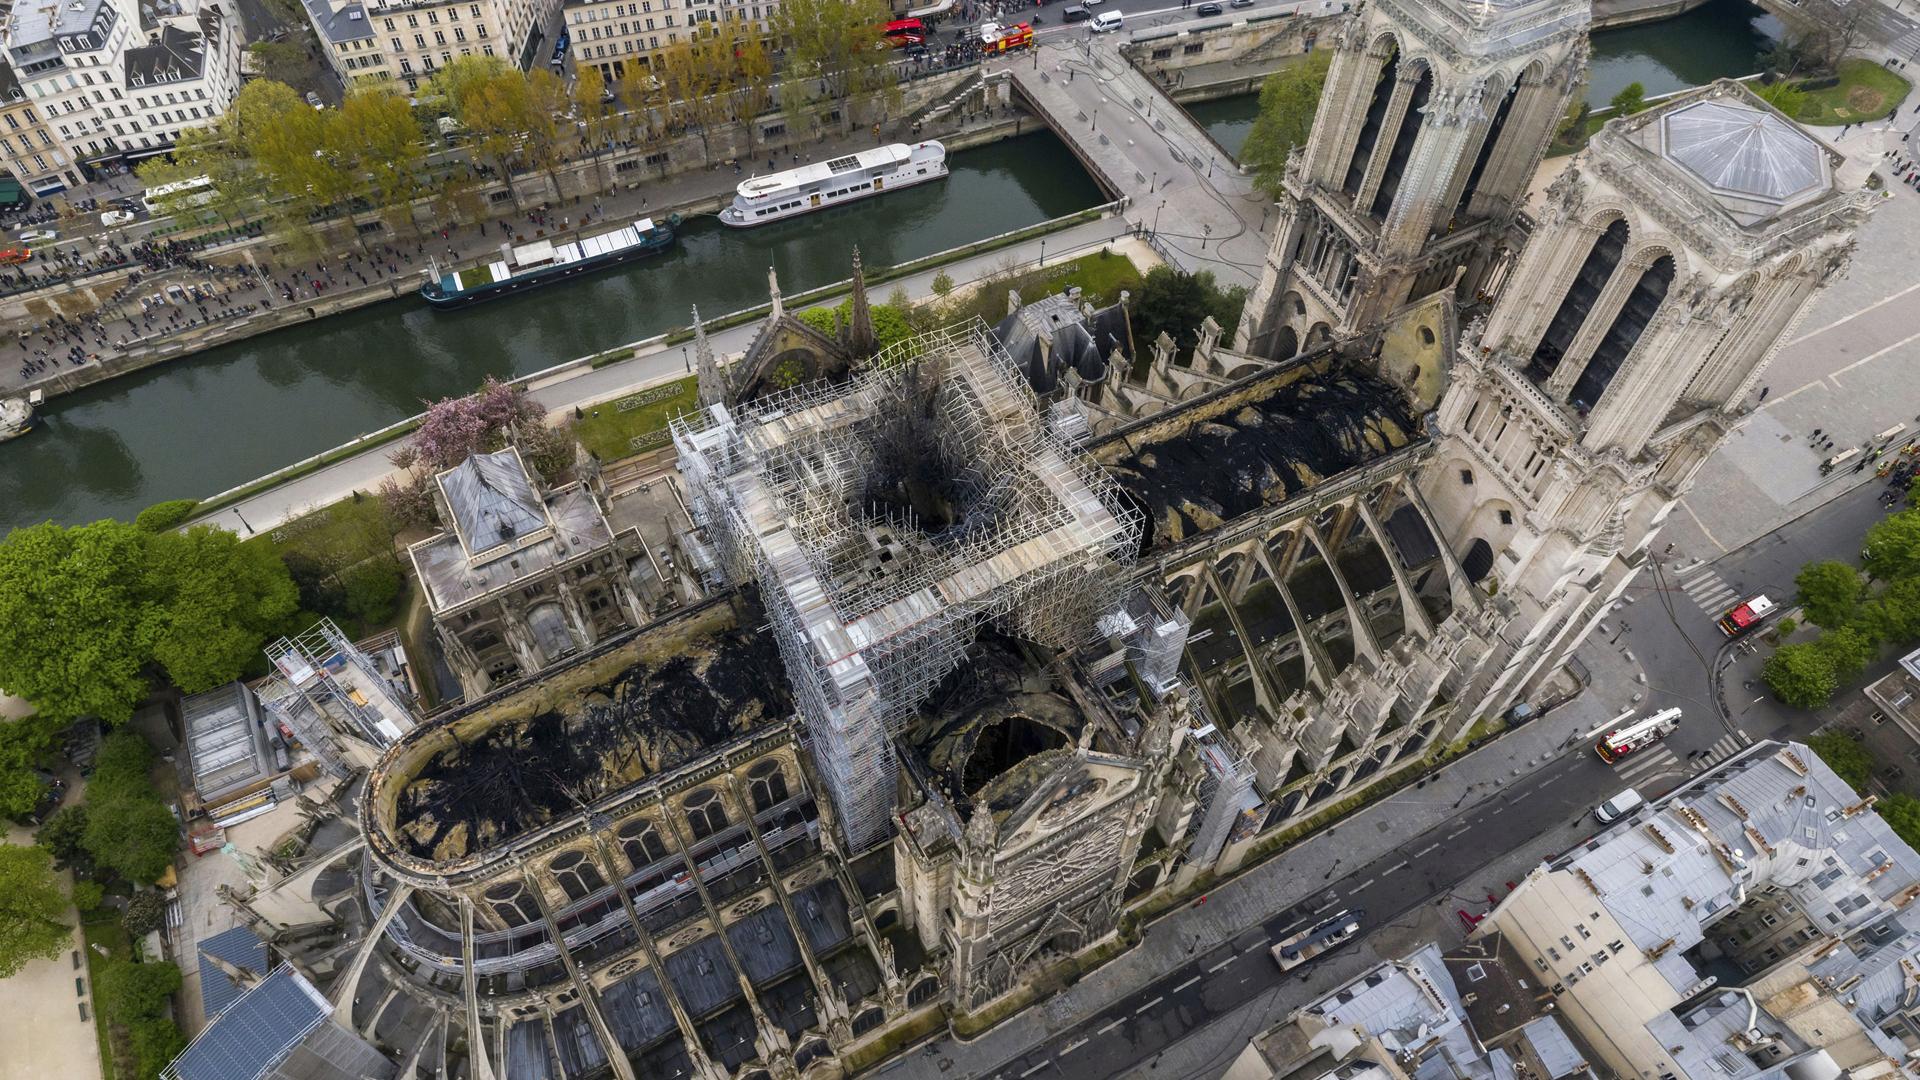 Notre Dame fire damage 041719 AP_1555552442611